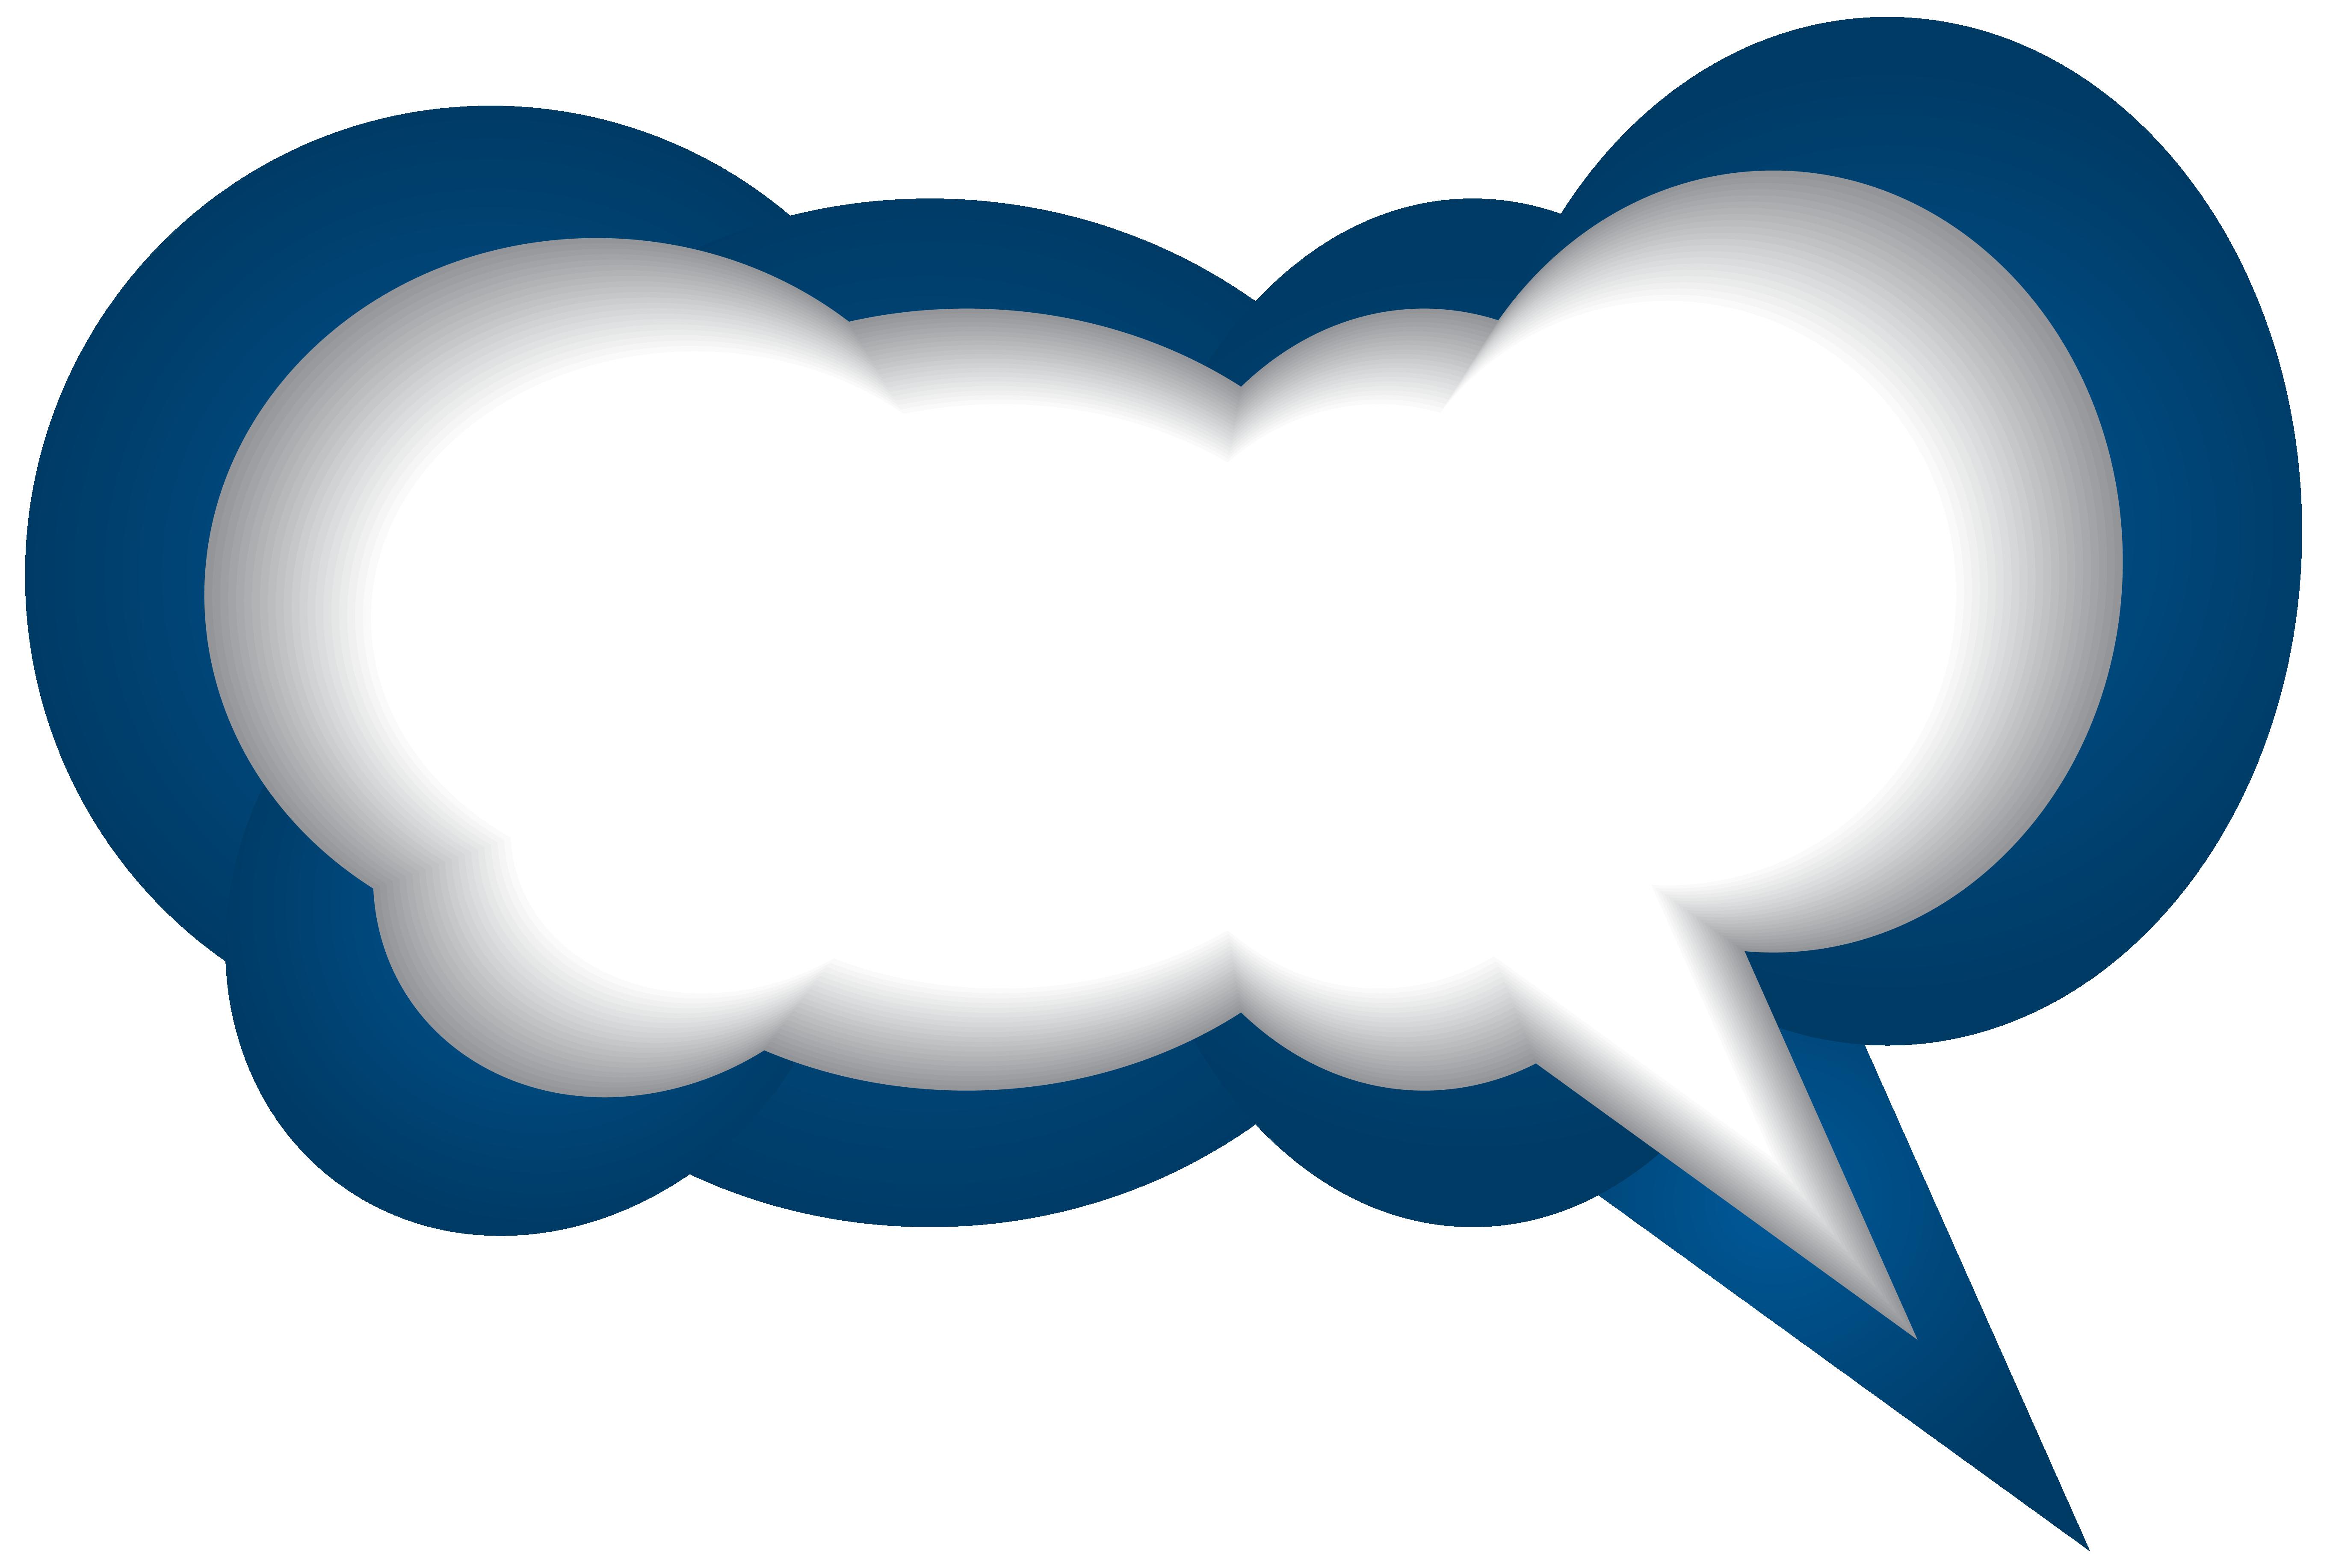 Speech Bubble Blue White PNG Clip Art Image.